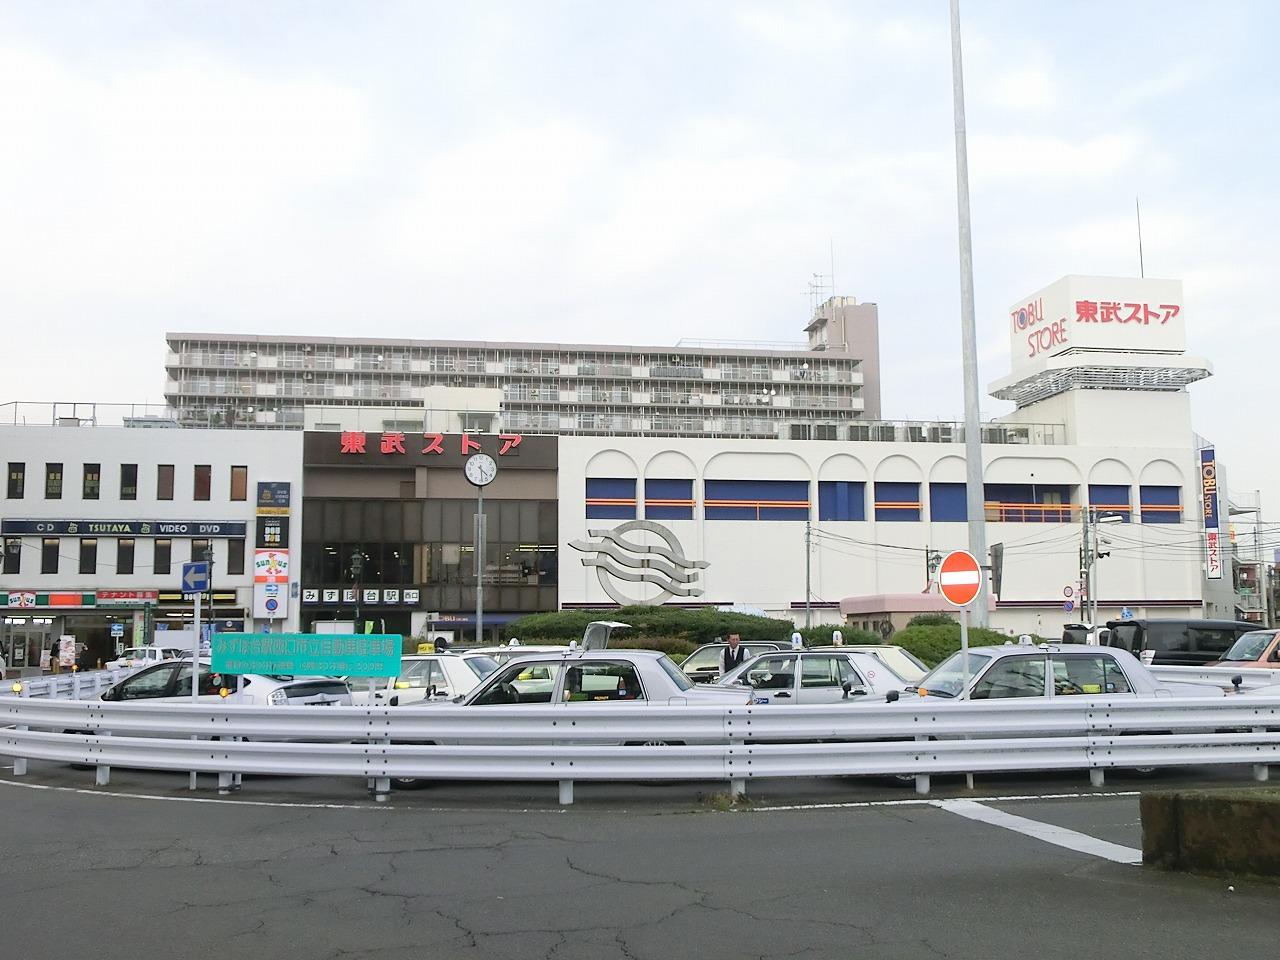 スーパー:東武ストア みずほ台店 272m